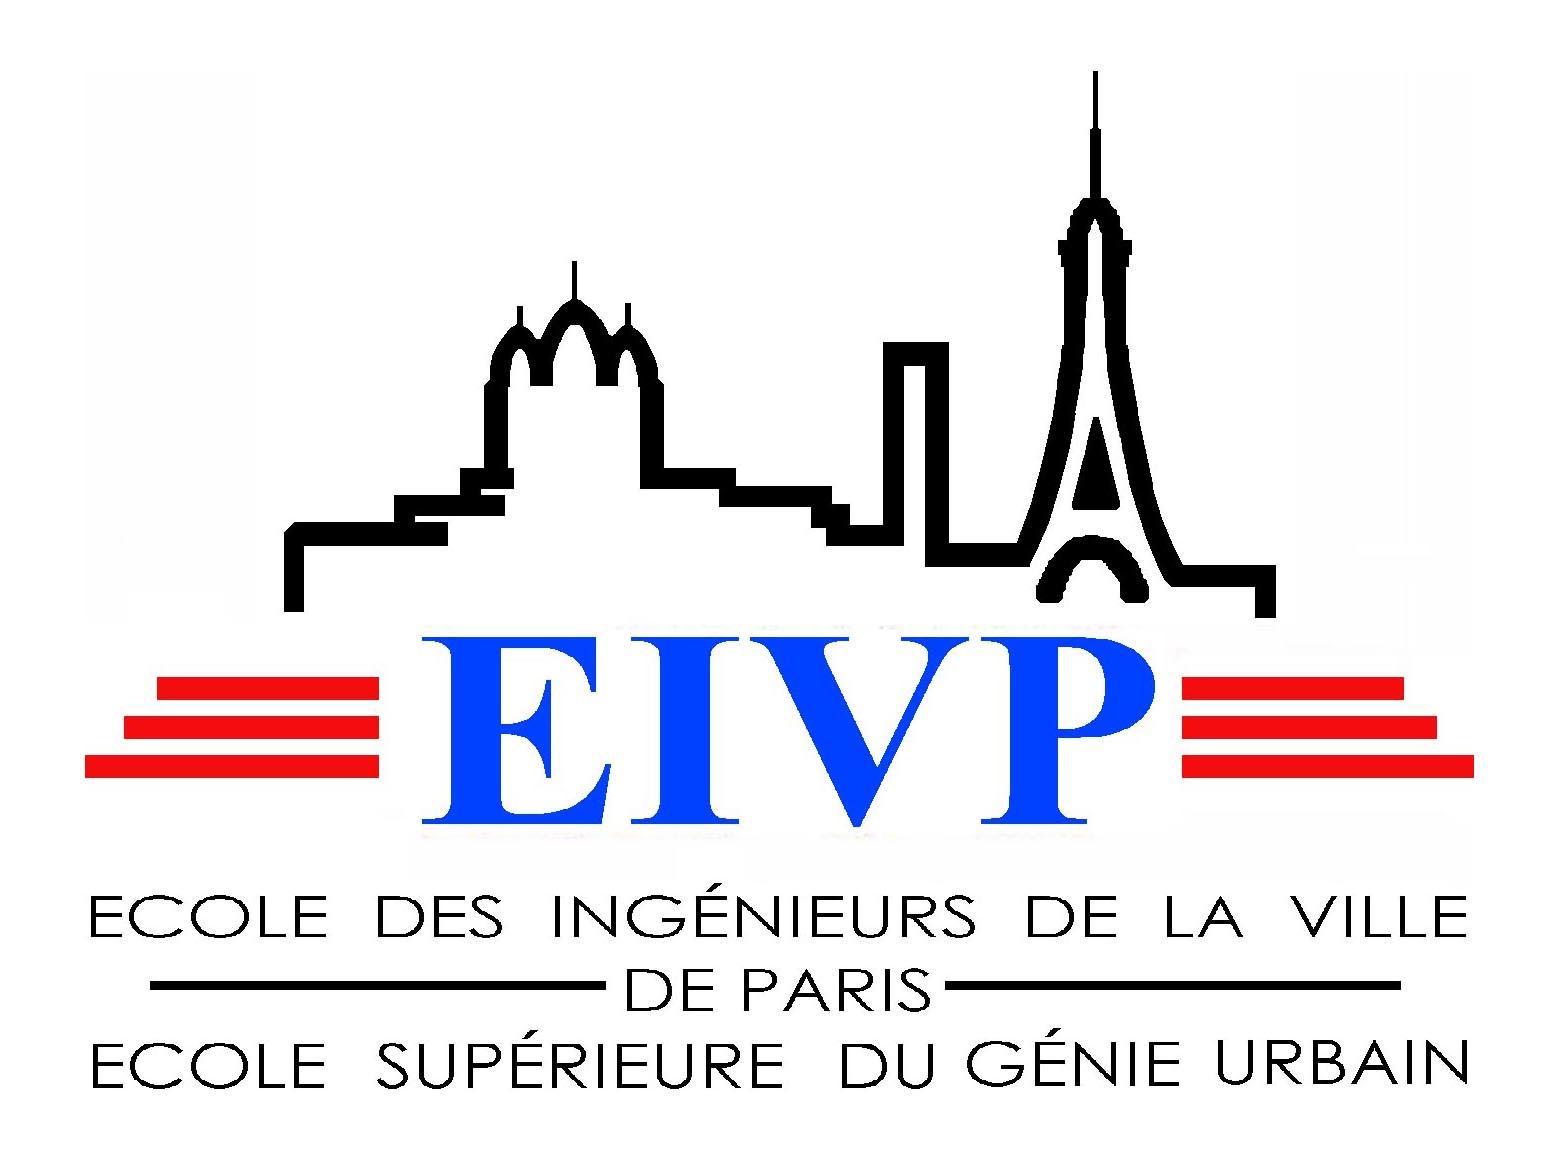 Ecole des Ingénieurs de la Ville de Paris - EIVP